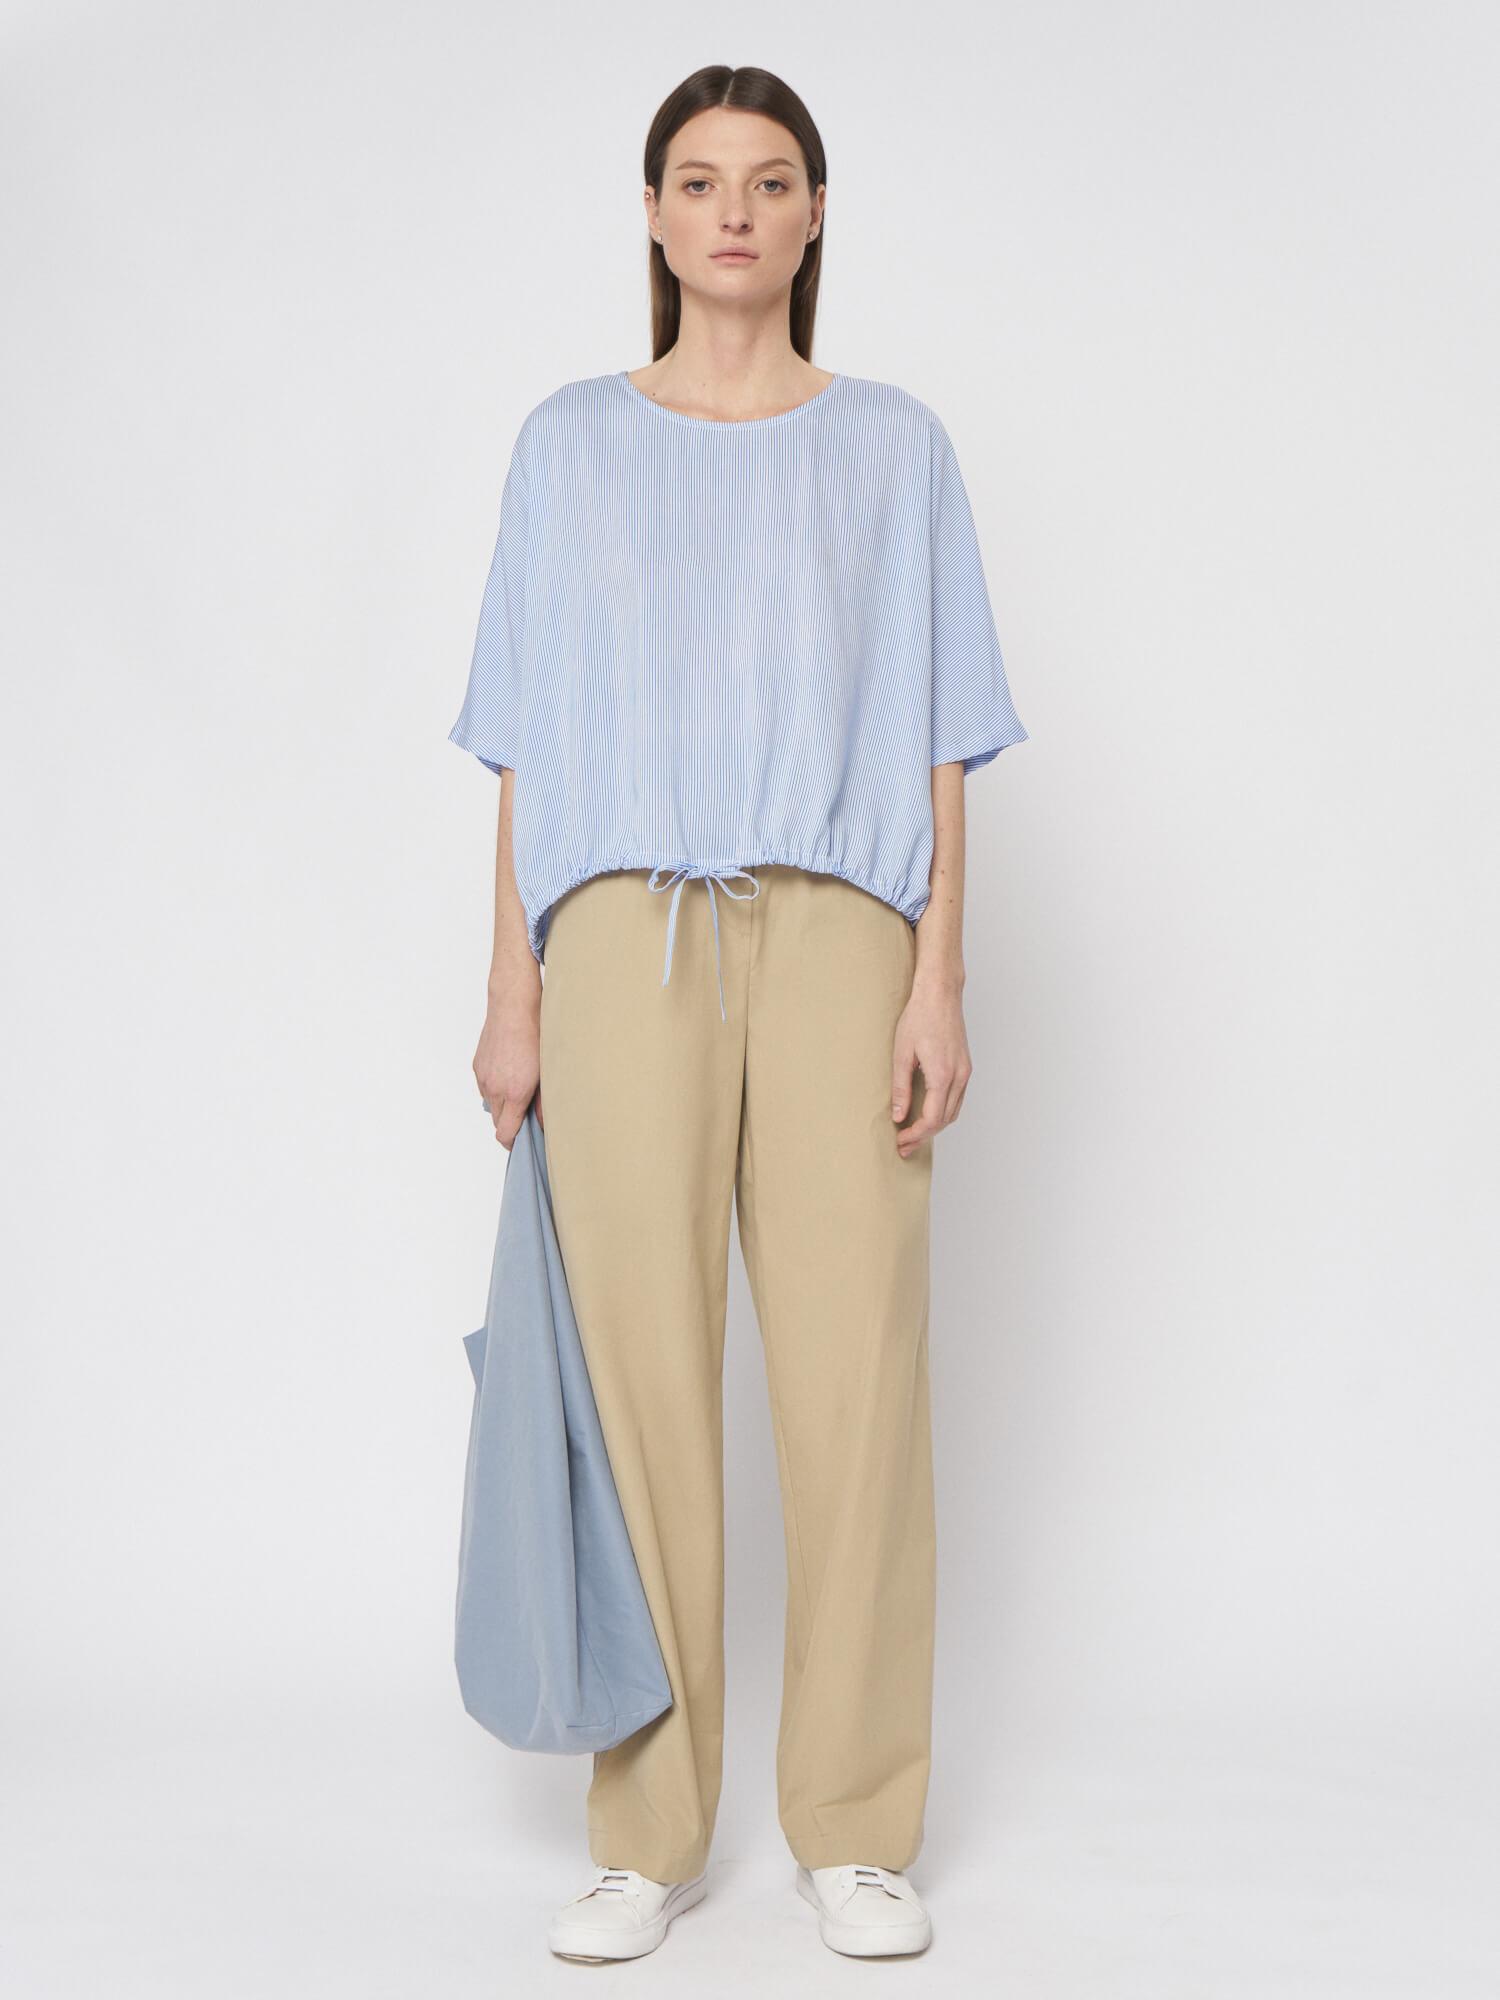 Блуза Melanie с кулисой, Голубой